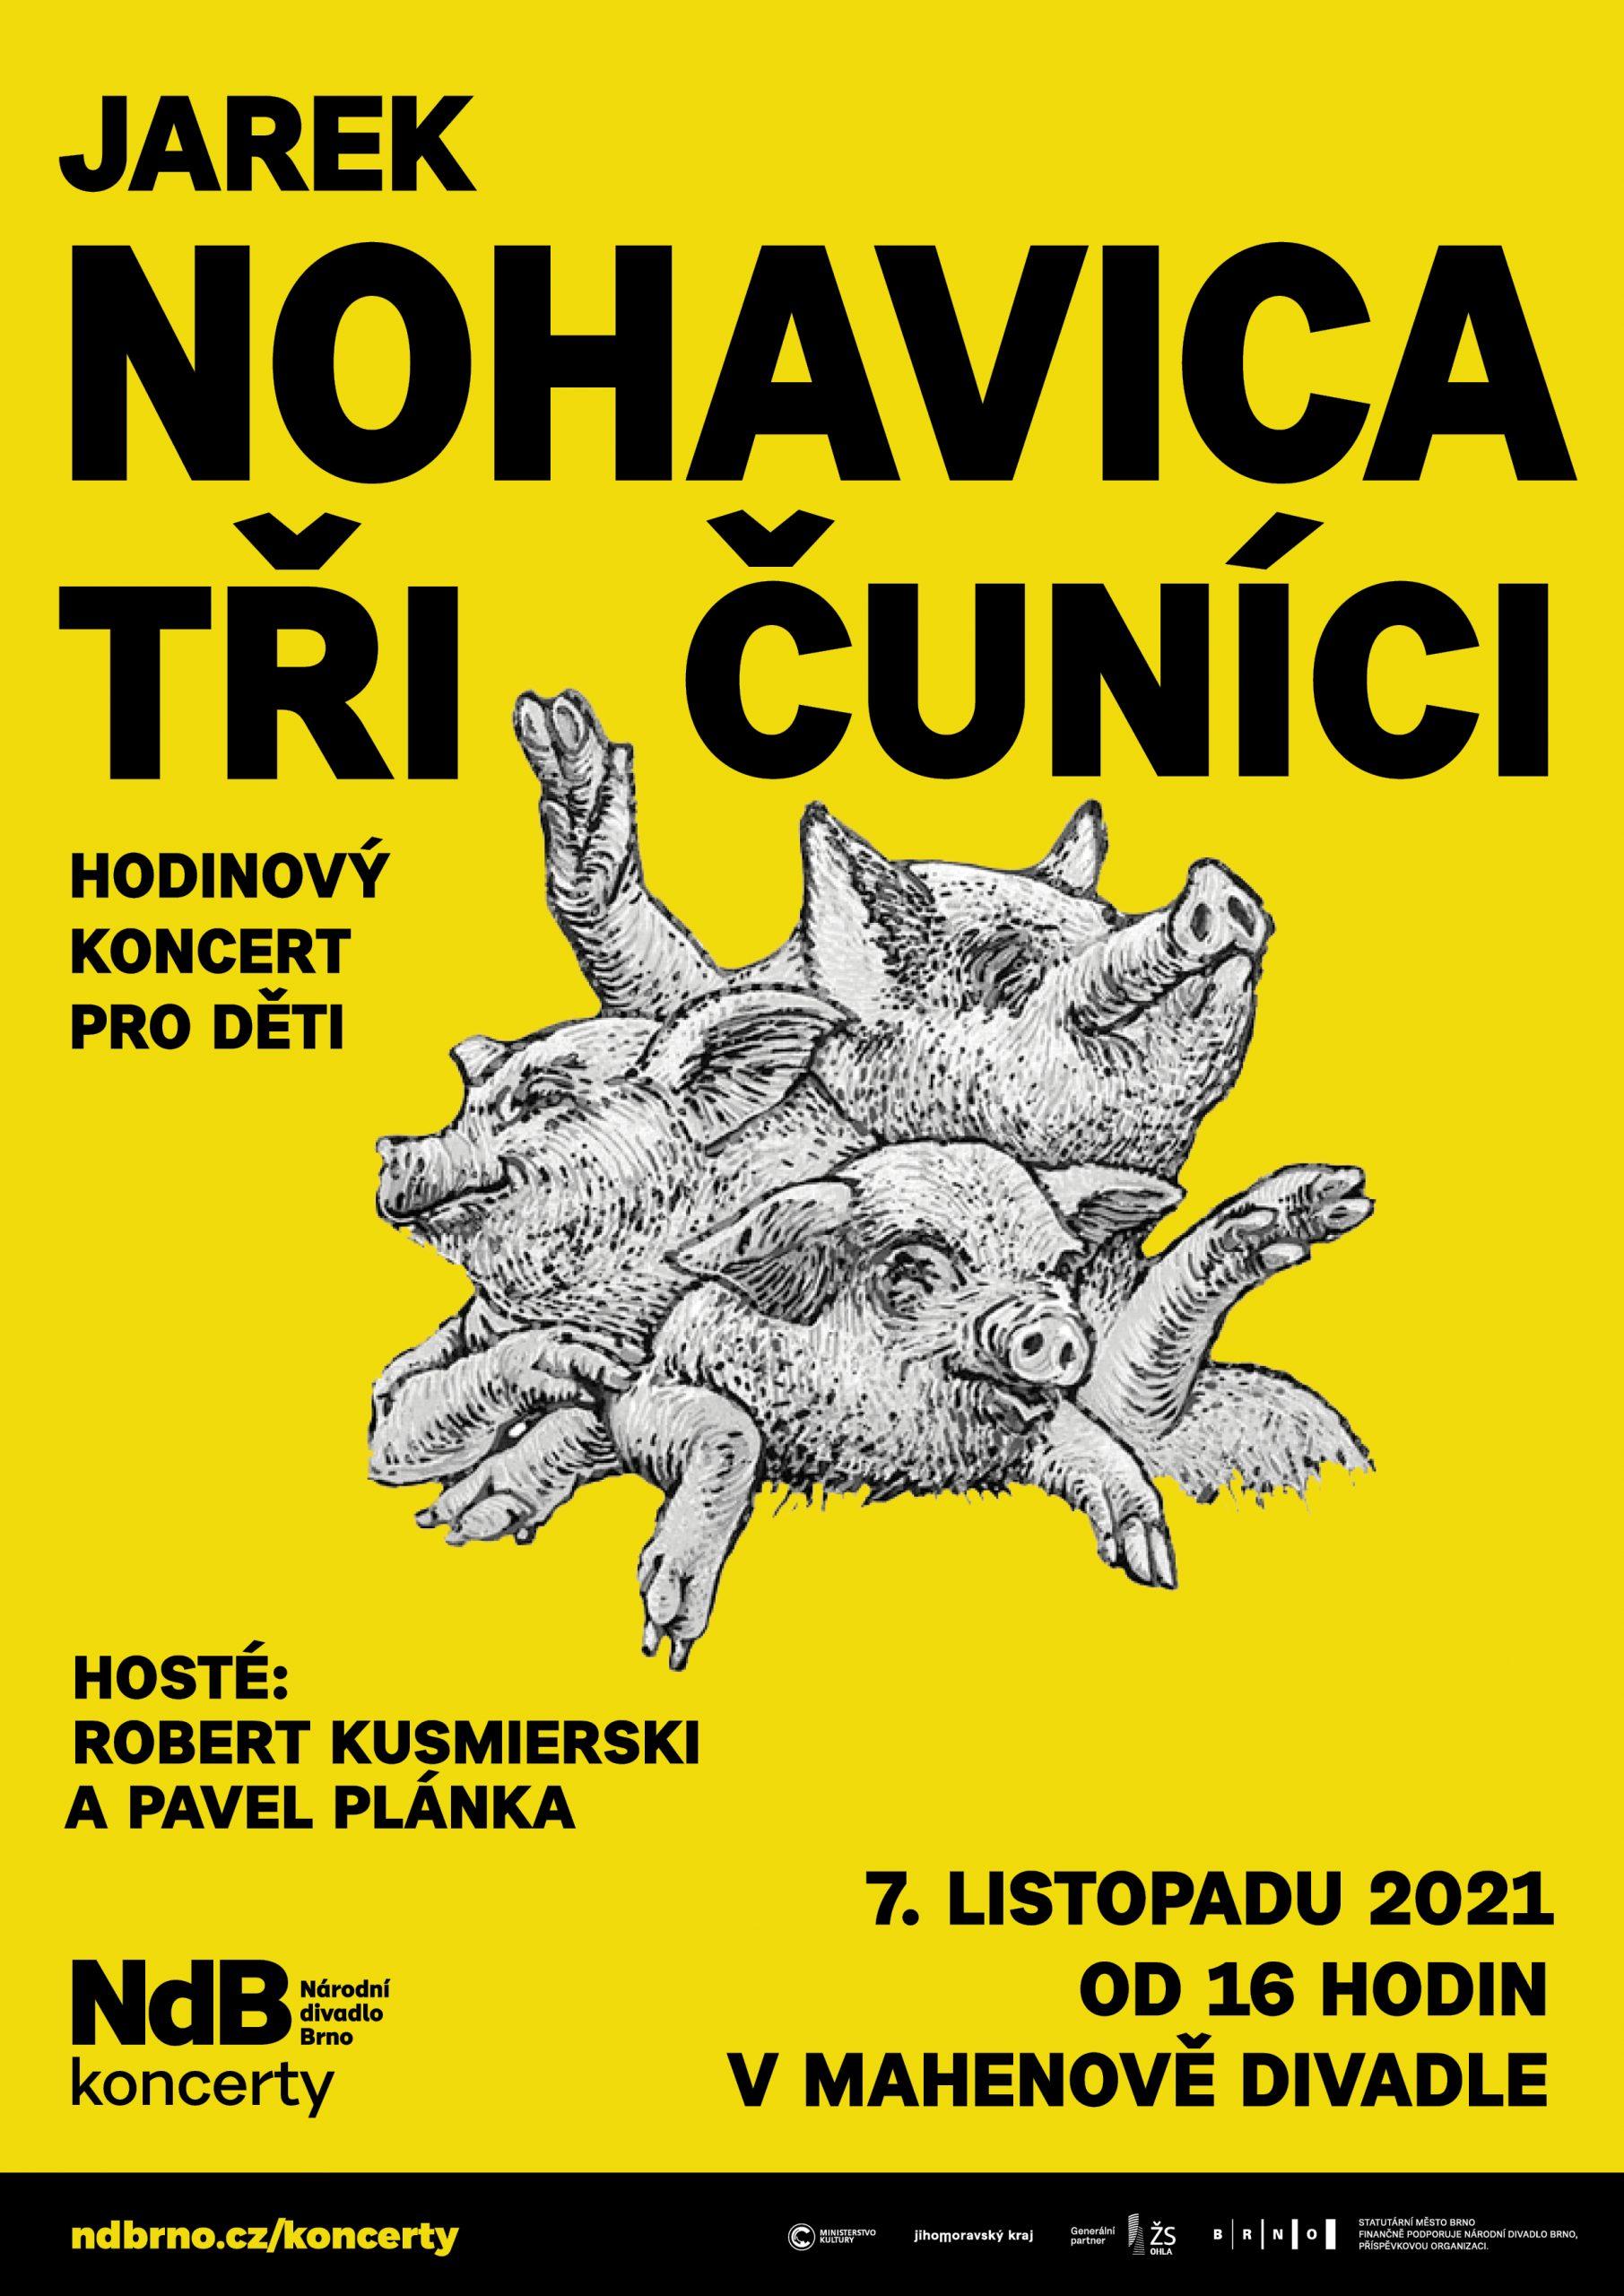 Jarek Nohavica – Tři čuníci